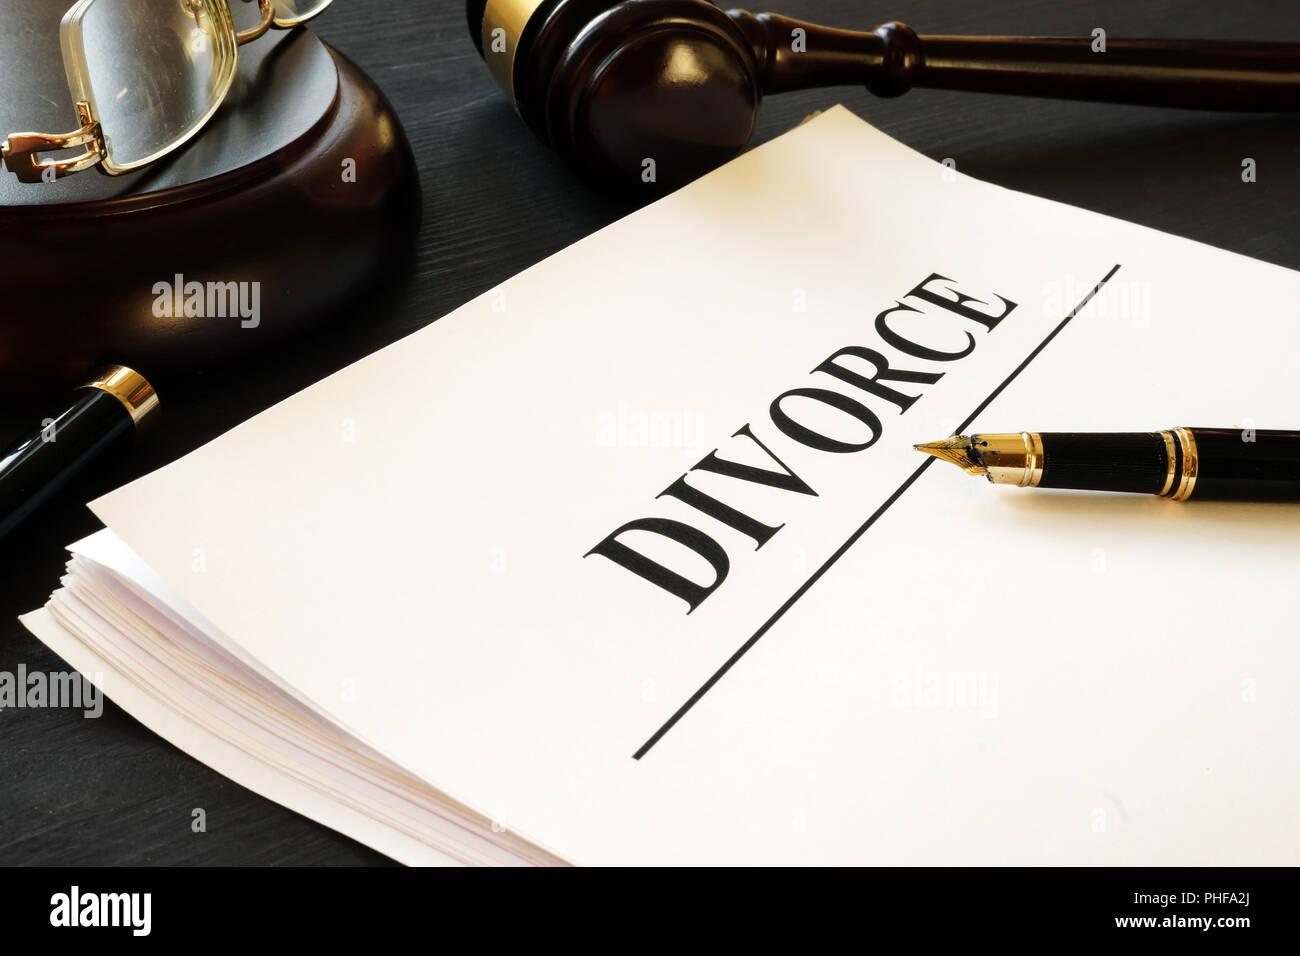 Documenti di divorzio in un tribunale. Separazione e alimenti. Immagini Stock